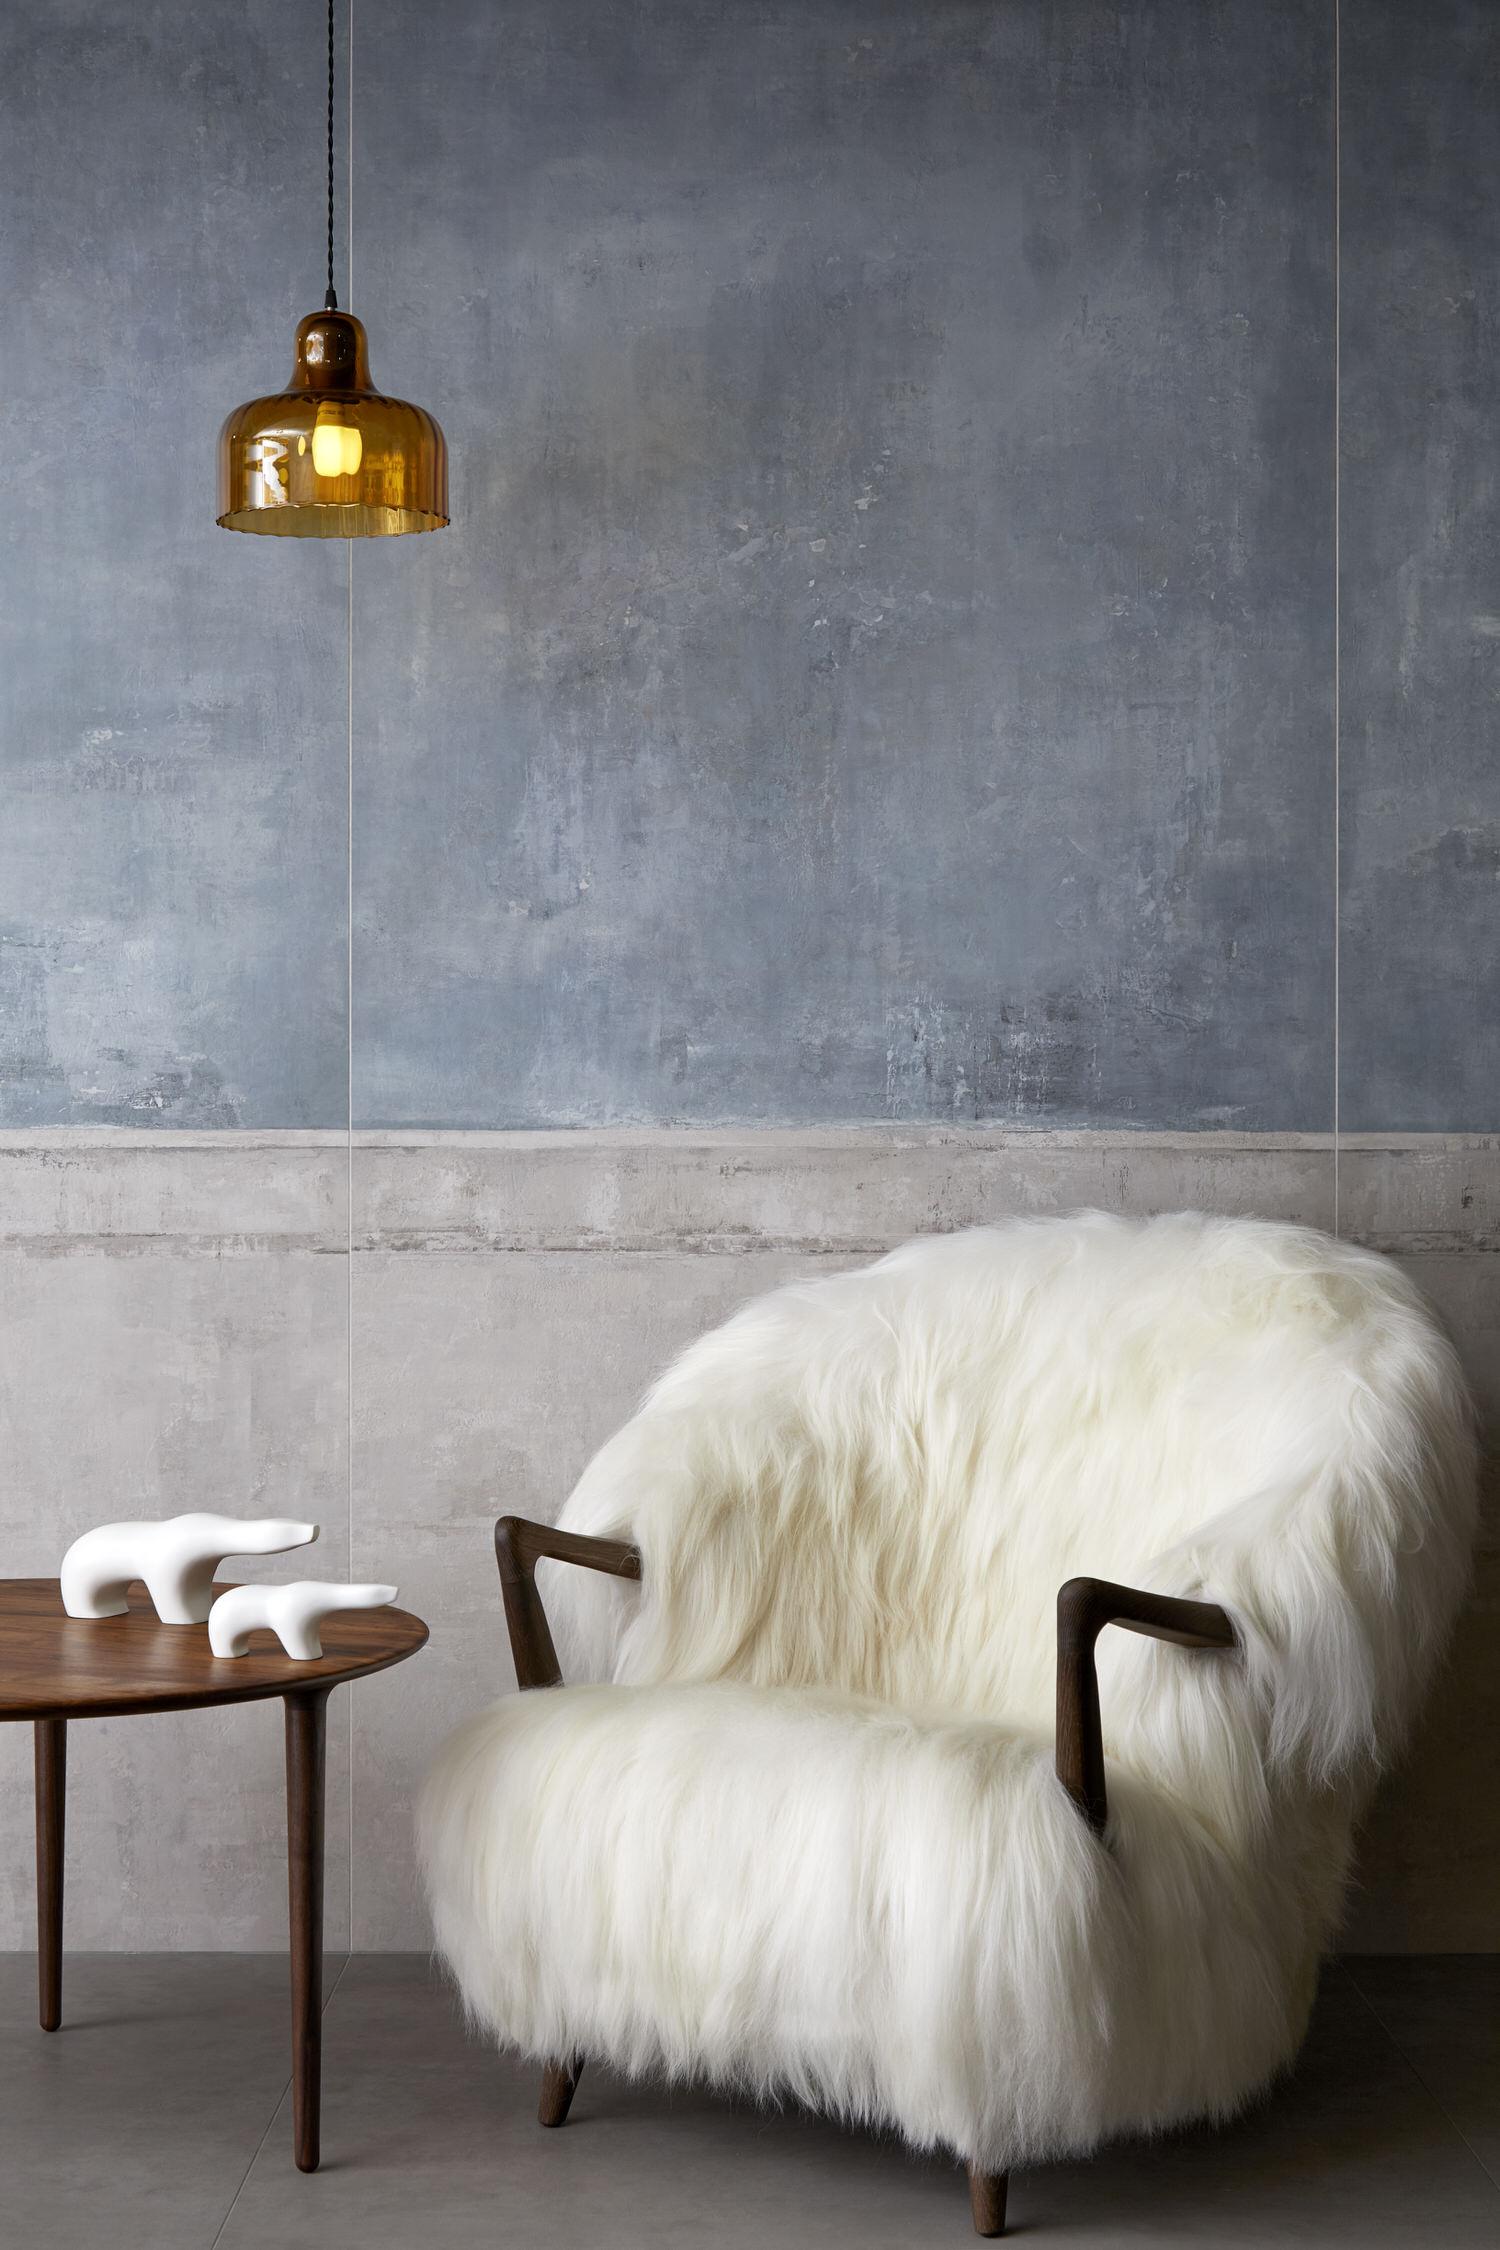 Stylecraft Eikund Fluffy Lounge Mid Century Design Photo Anna Stathaki Yellowtrace 04